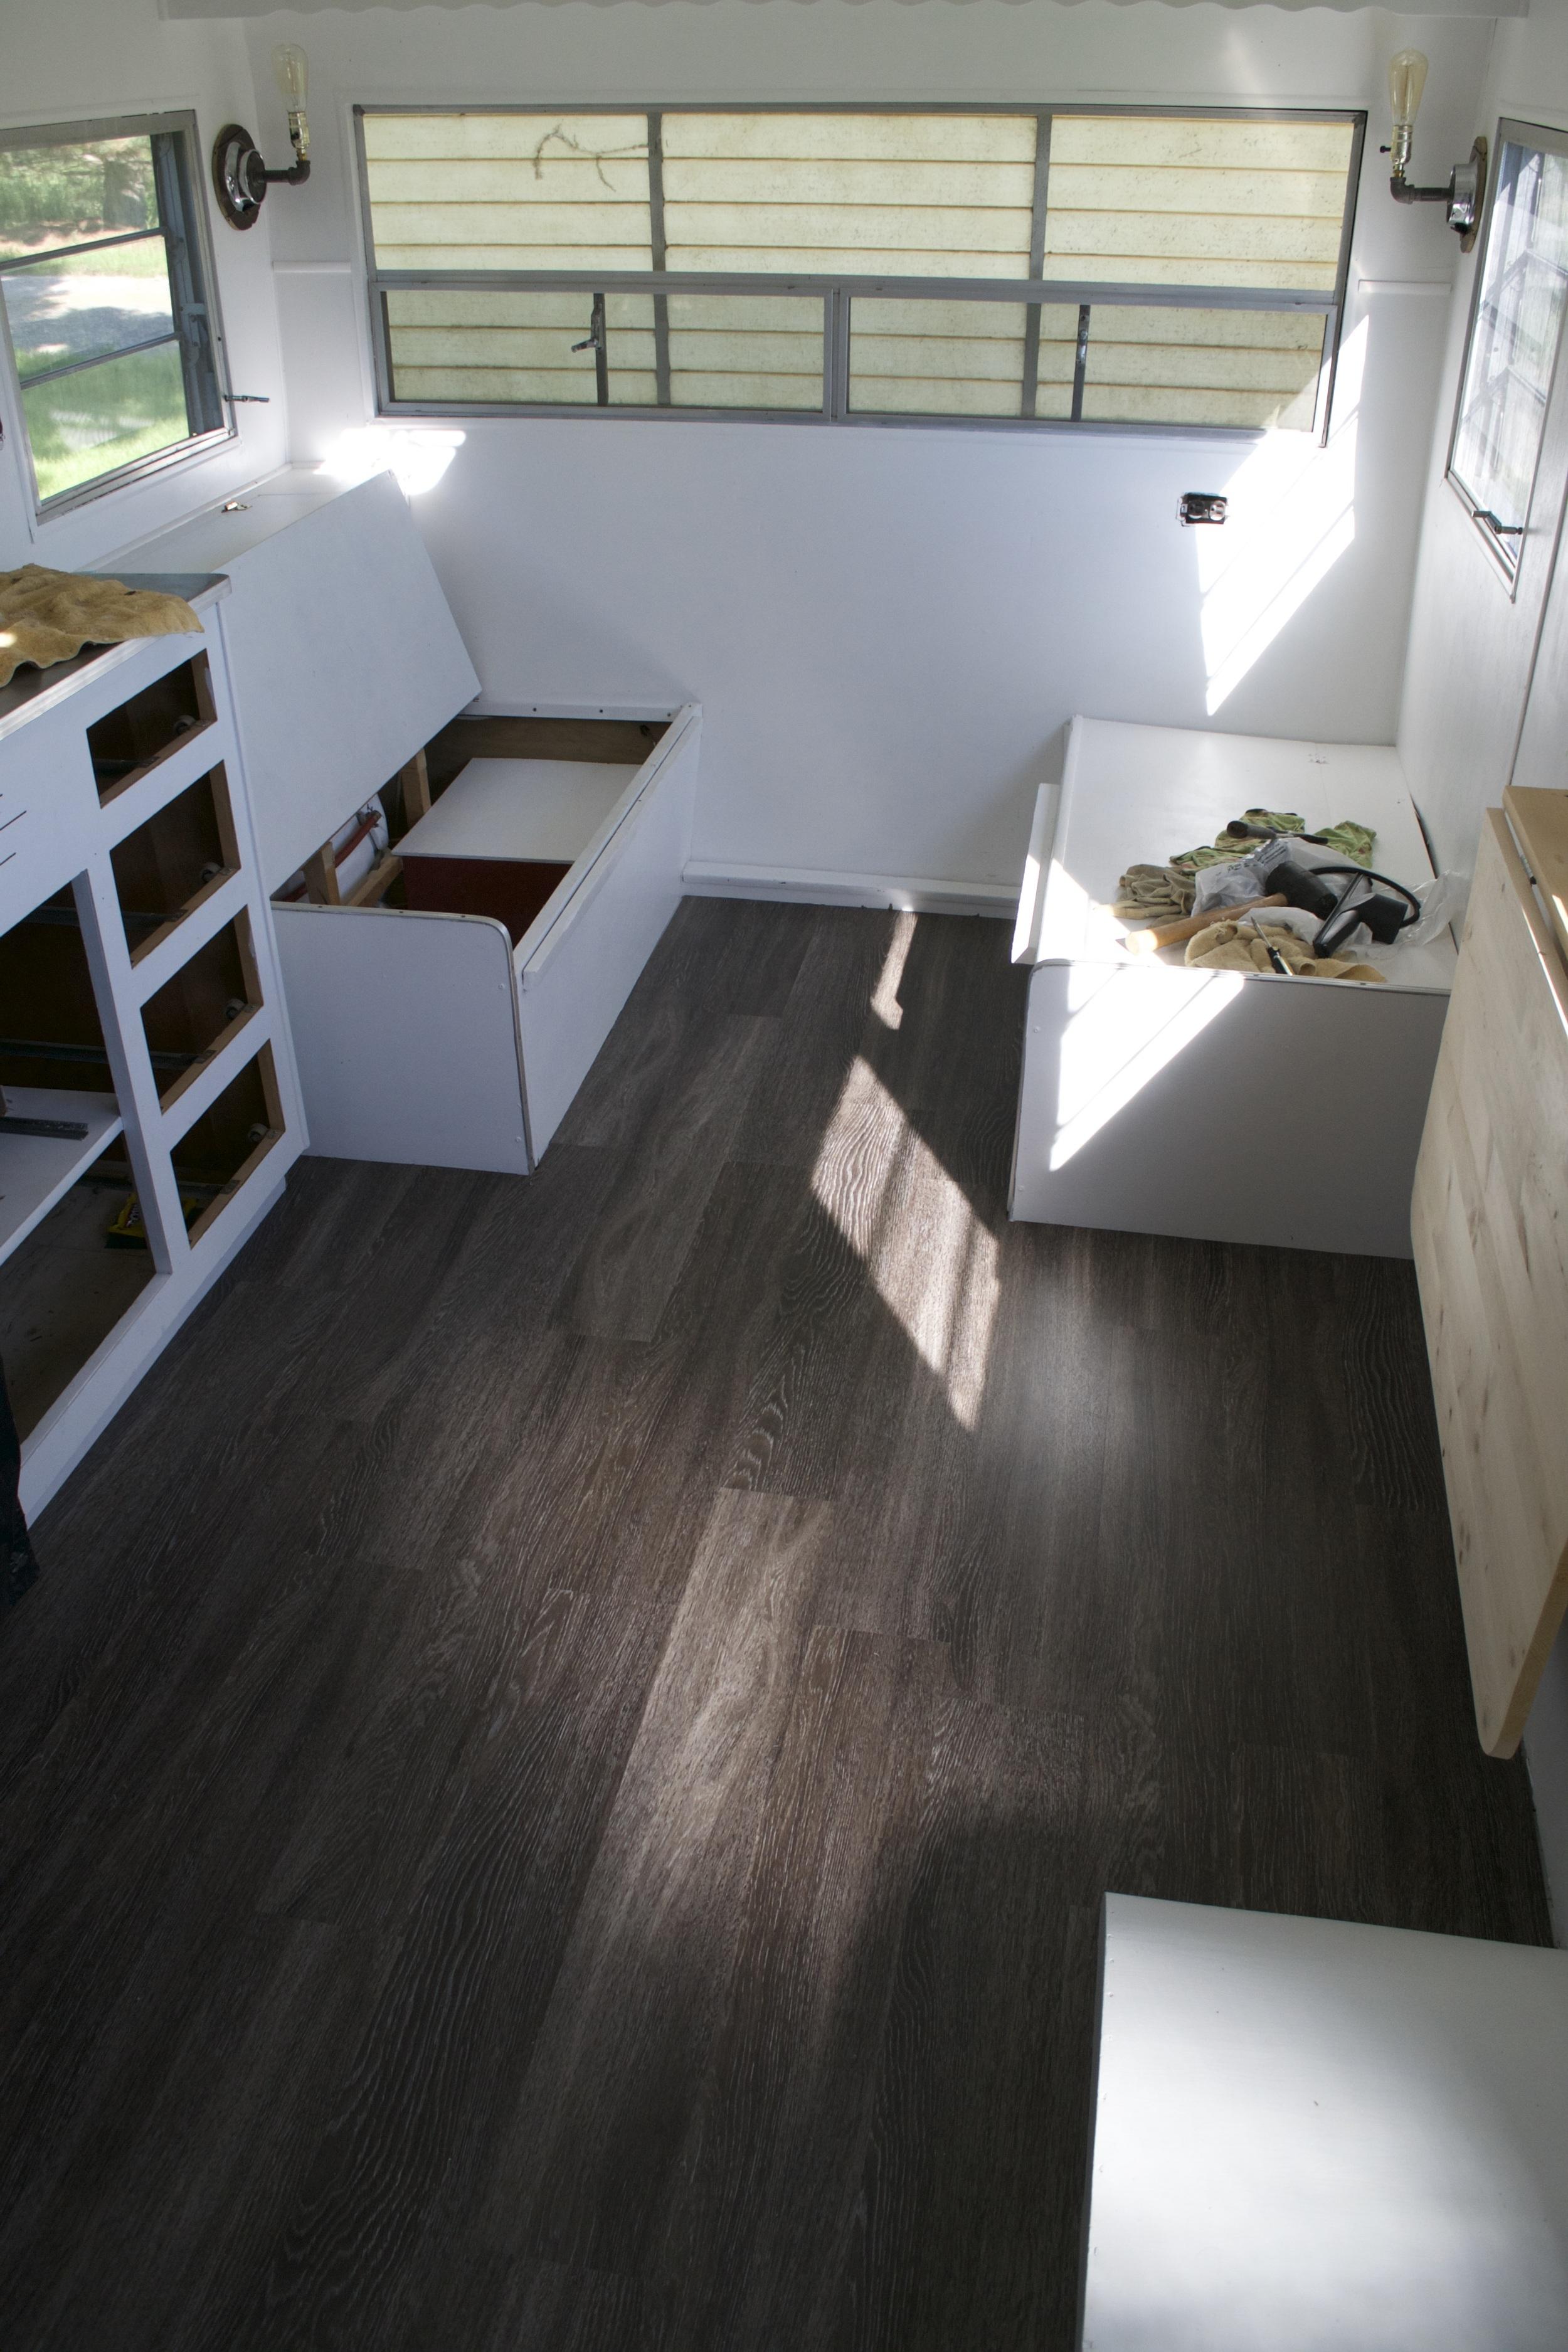 flooring finished